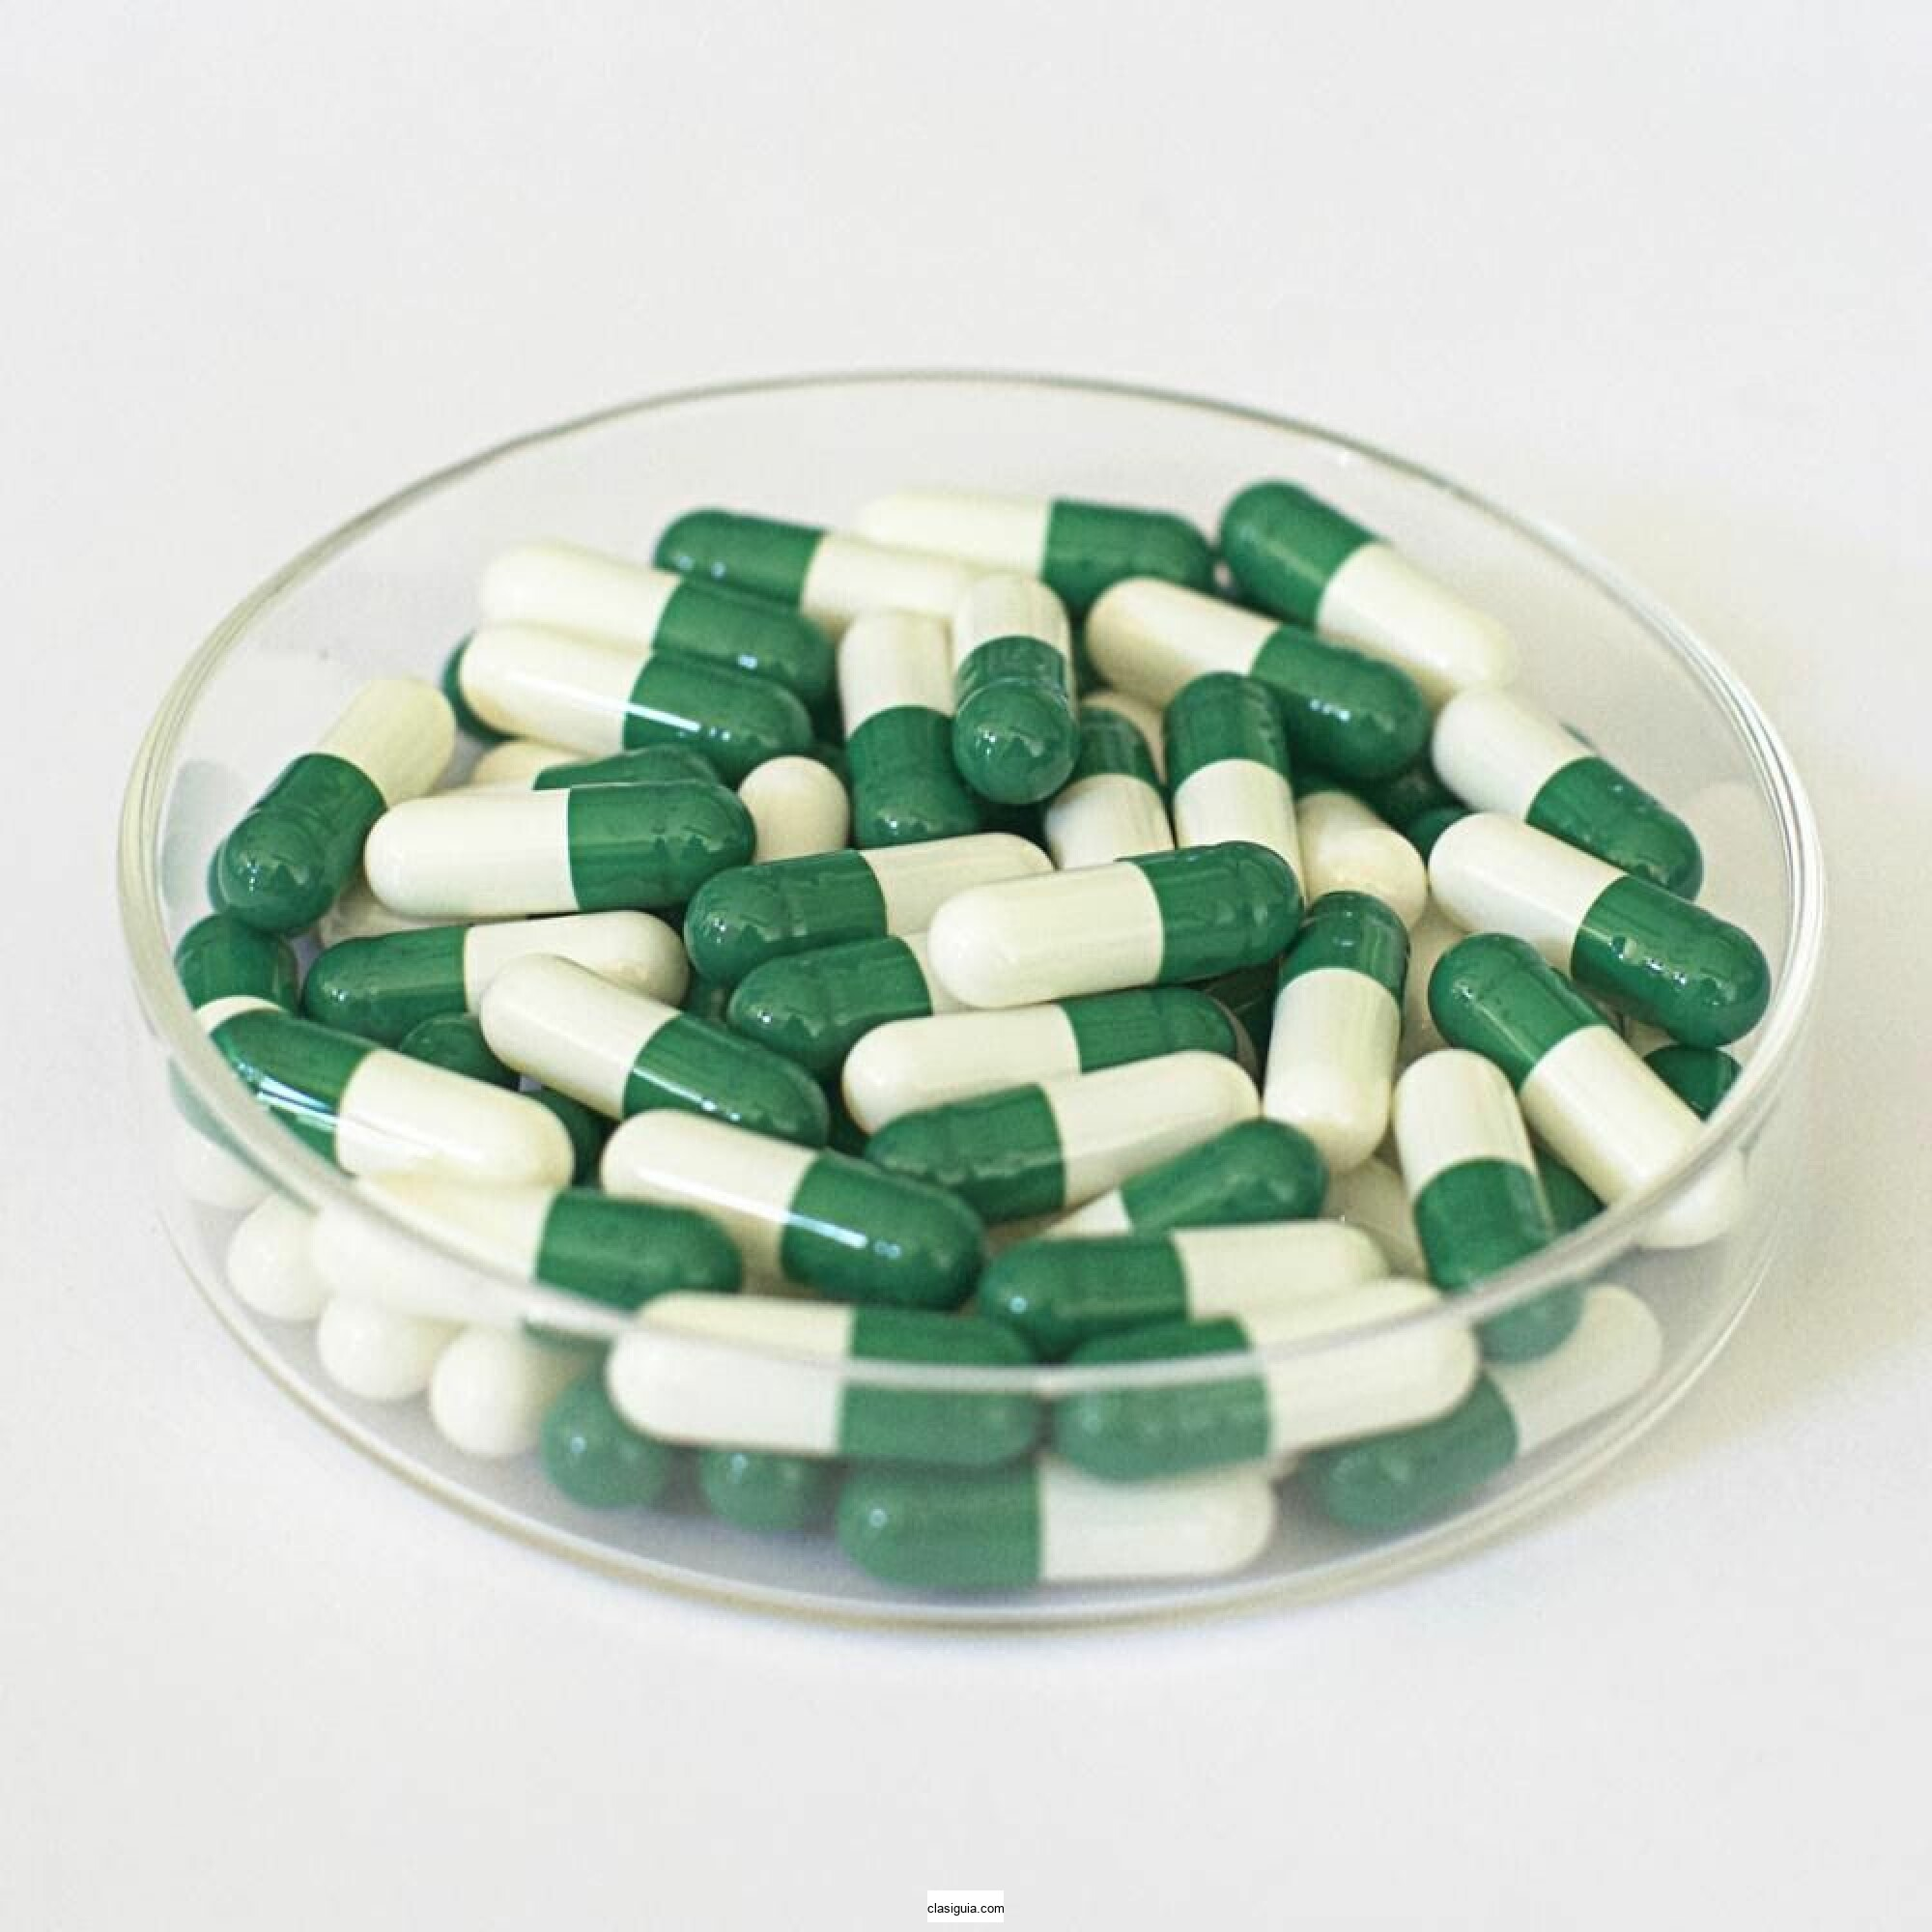 Cianuro de potasio tanto en pastillas como